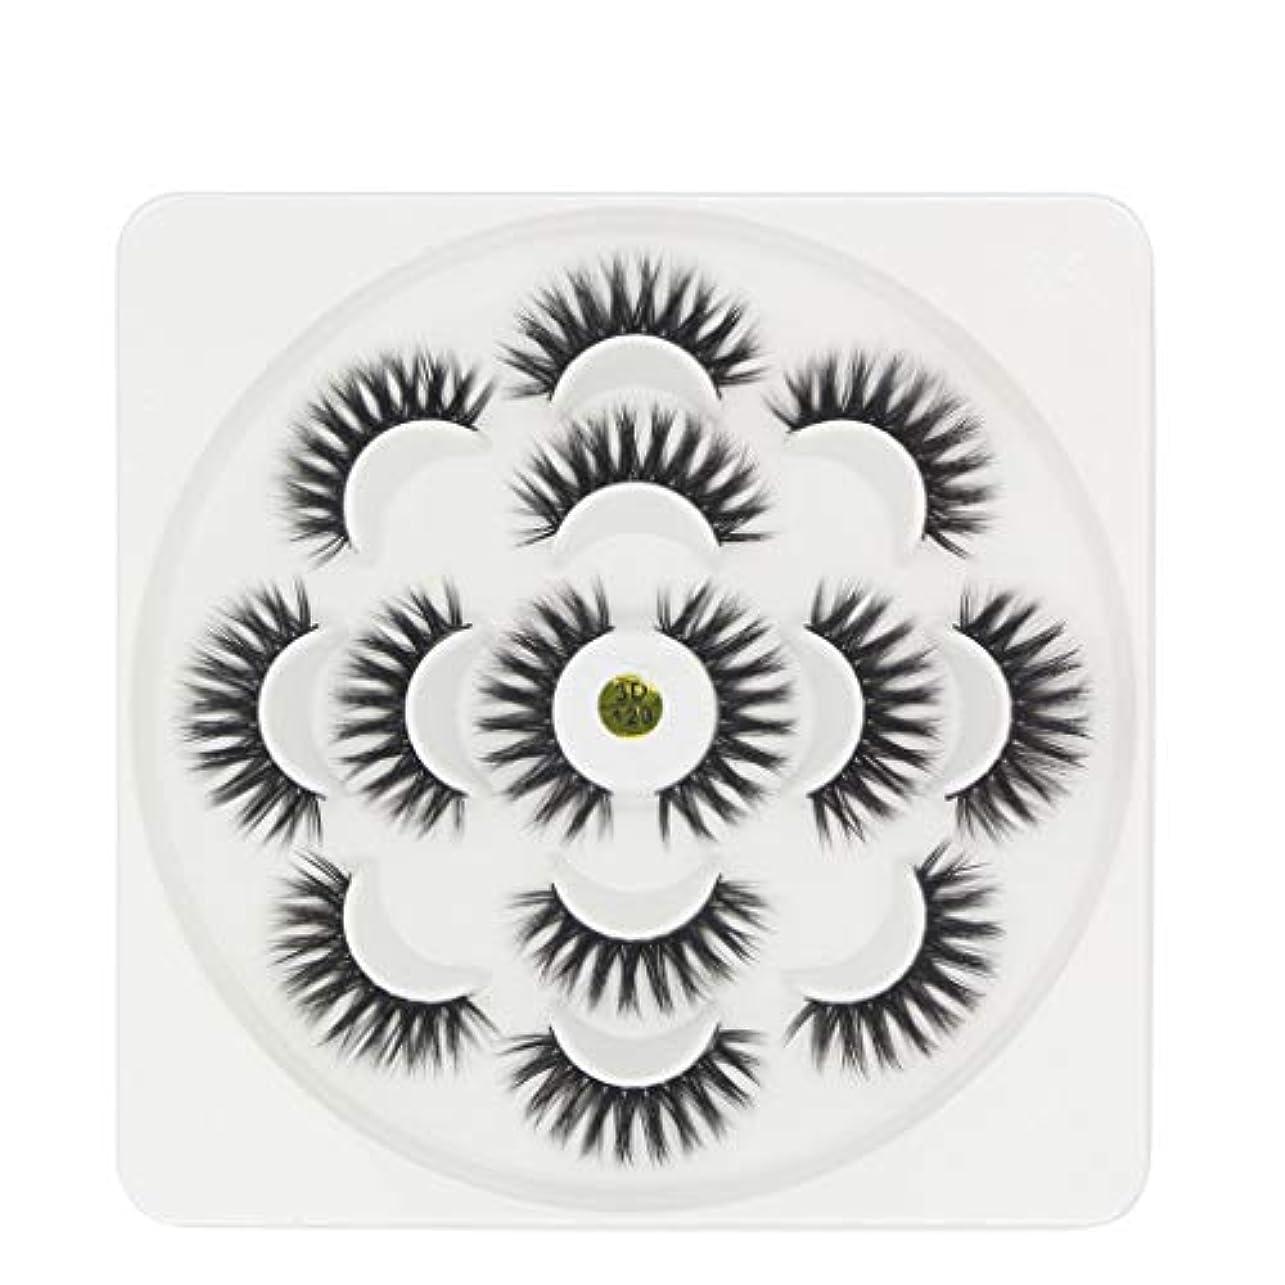 ロバカイウス縫い目7ペア高級3Dまつげふわふわストリップまつげロングナチュラルパーティー